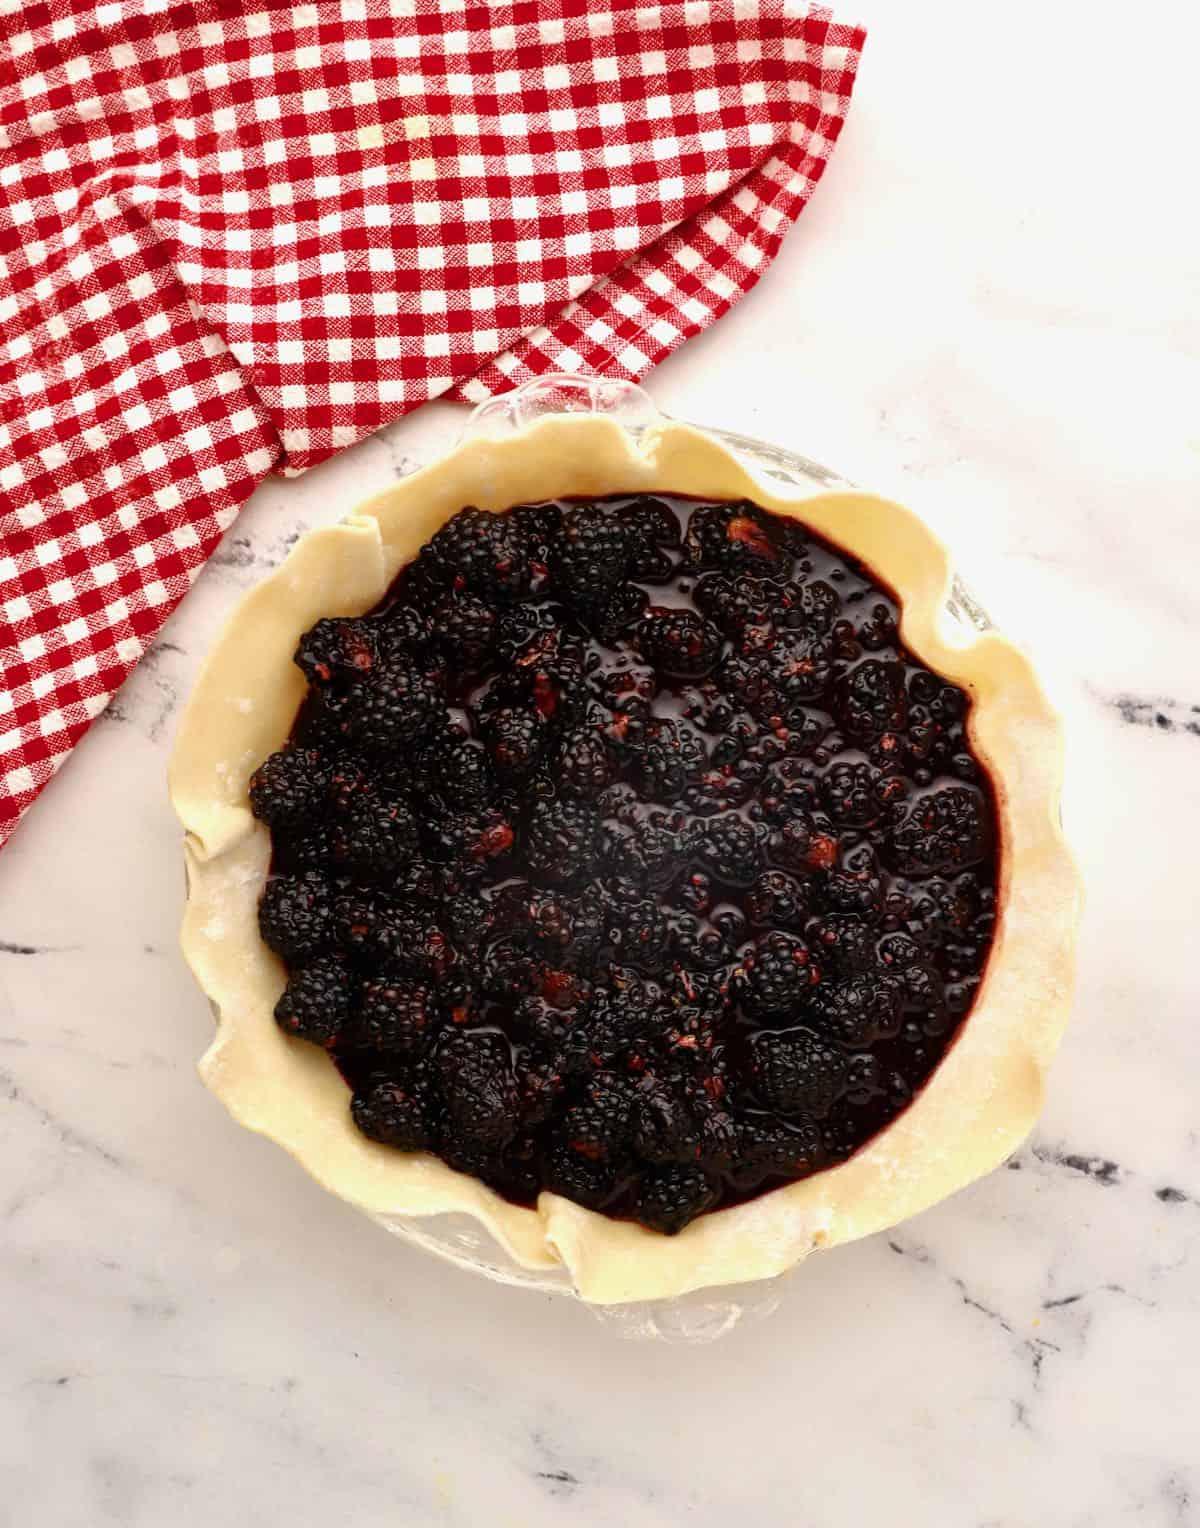 Blackberry pie filling in an unbaked crust.